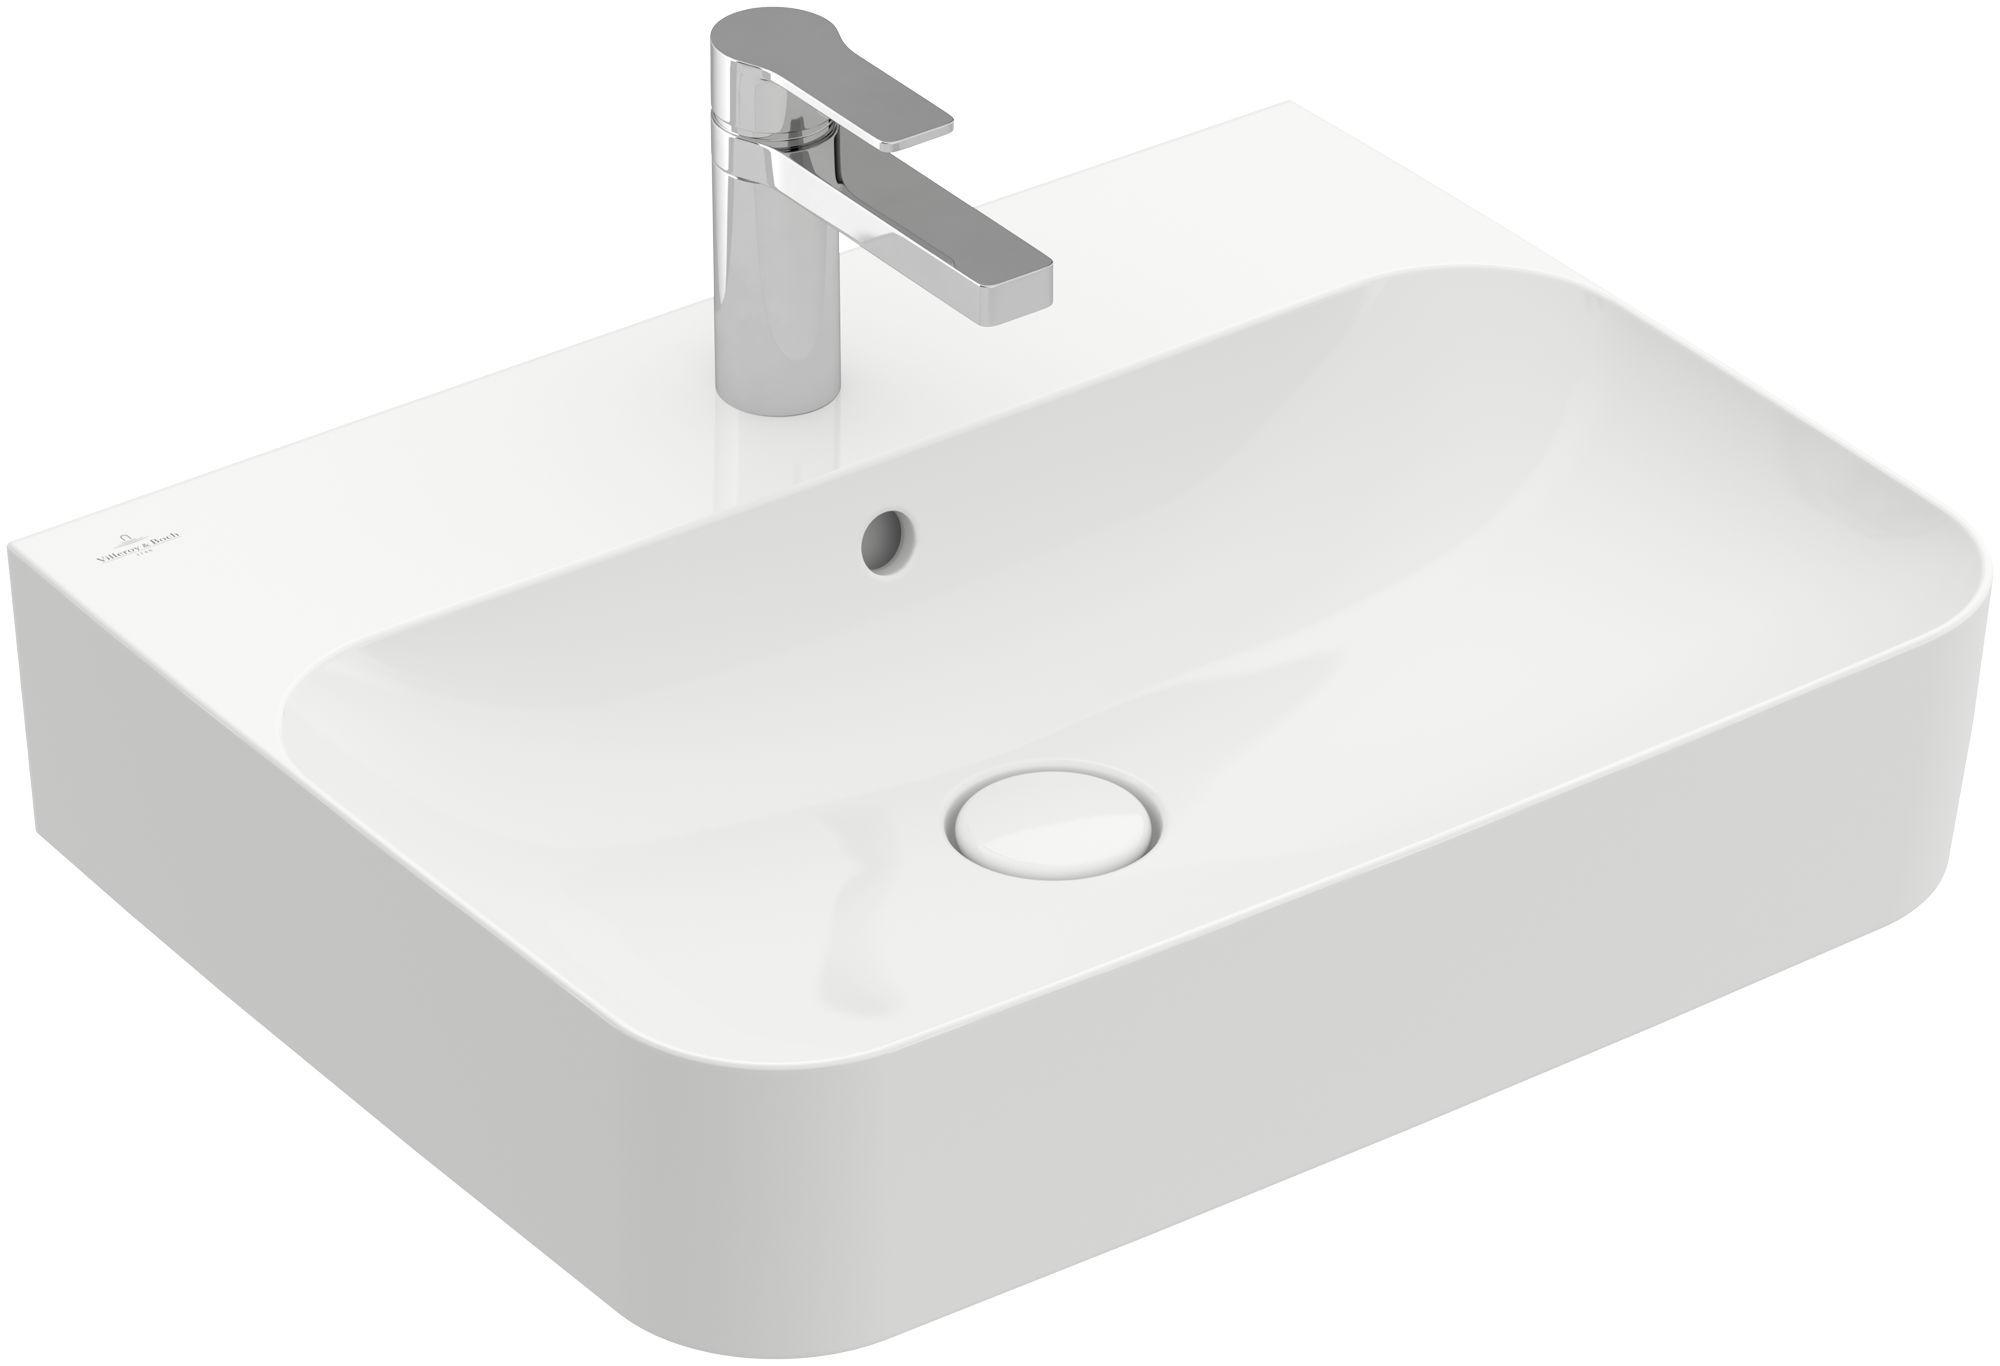 Villeroy & Boch Finion Waschtisch mit Überlauf 1 Hahnloch B:60xT:47cm mit Überlauf 1 Hahnloch weiß Ceramicplus 416860R1